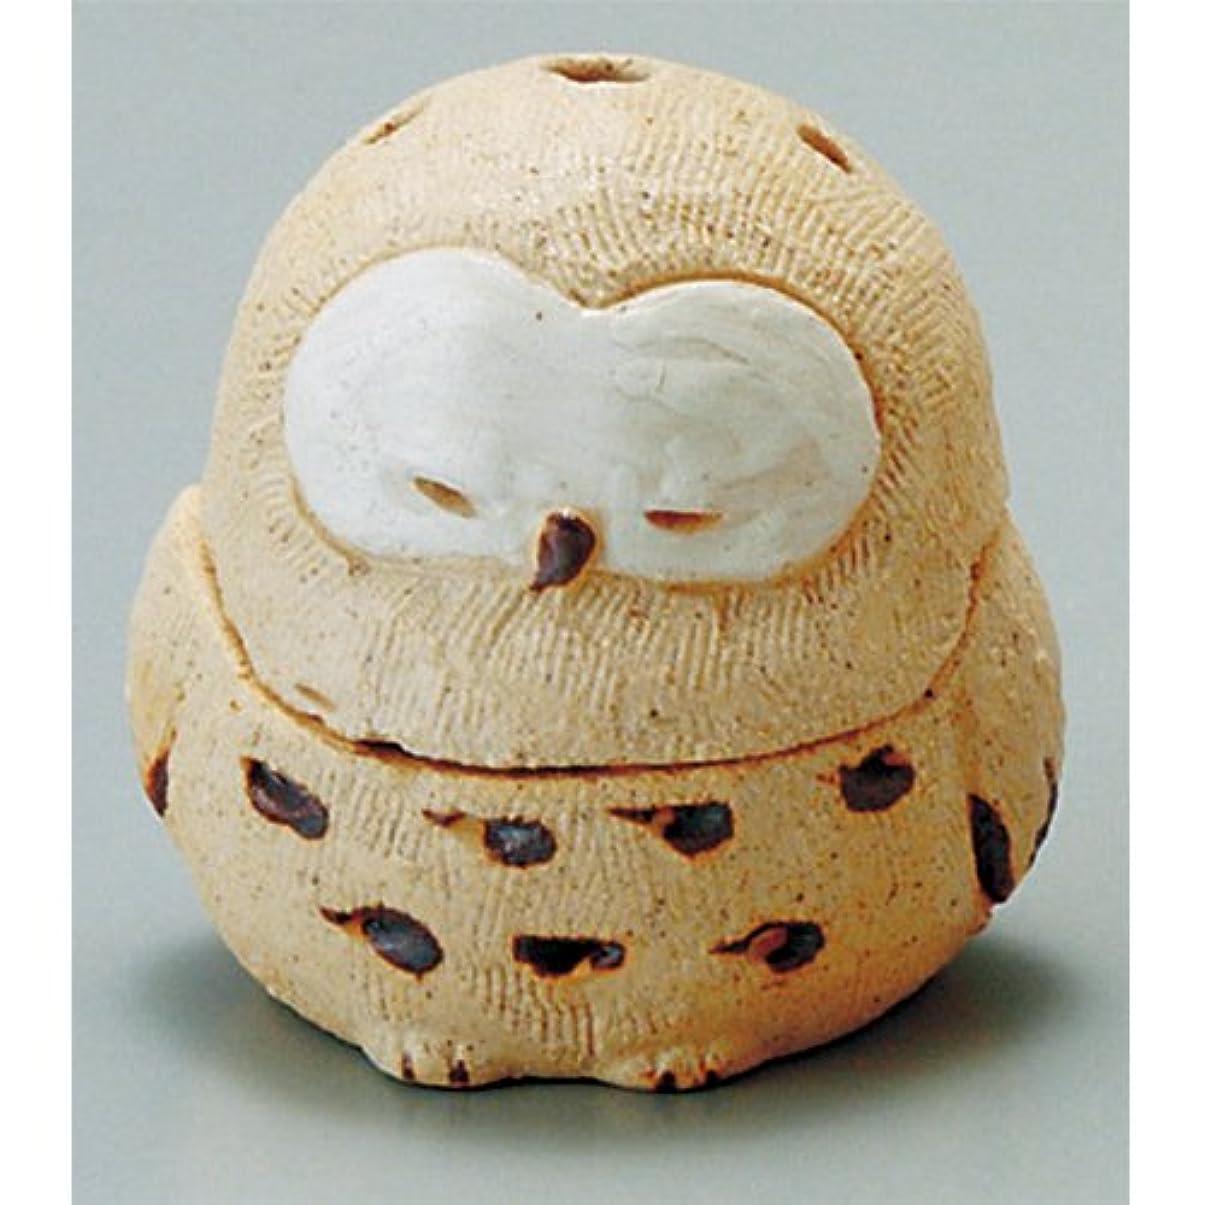 すすり泣きマナーするだろう香炉 蔵ふくろう 香炉(小) [H6.5cm] HANDMADE プレゼント ギフト 和食器 かわいい インテリア